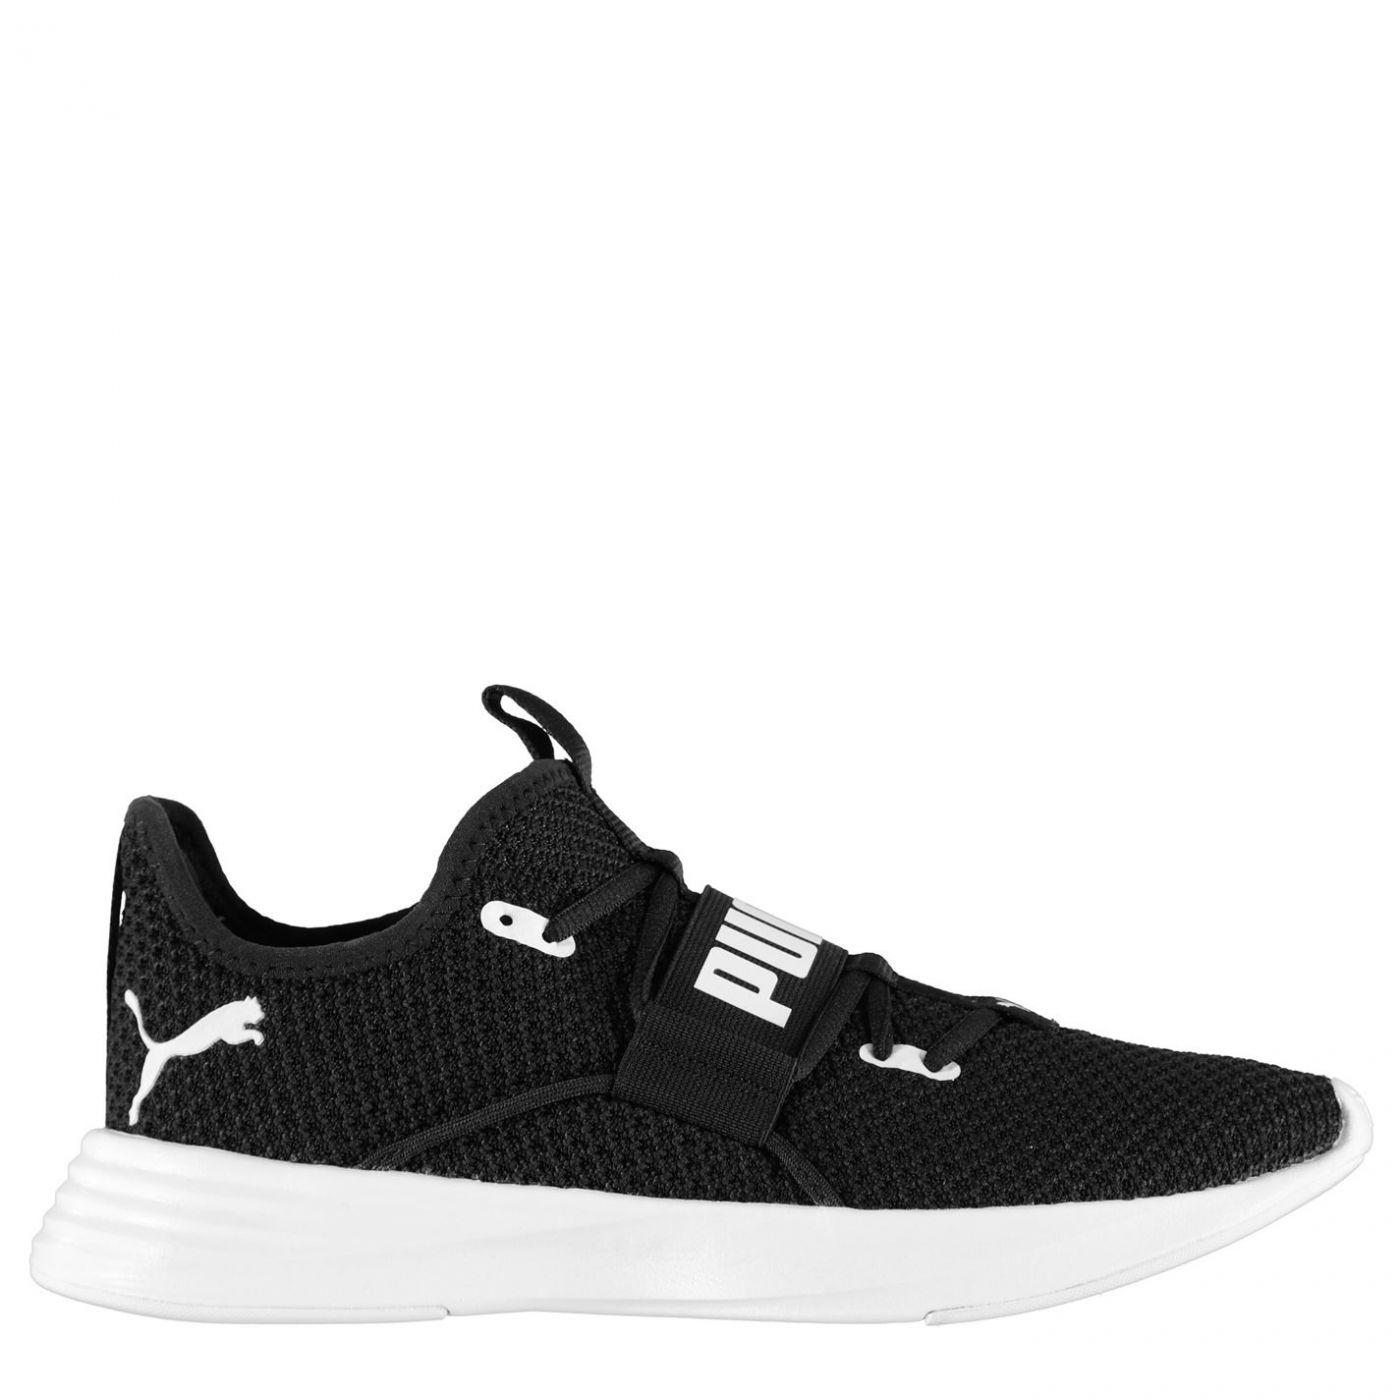 Puma Persist XT Mens Training Shoes